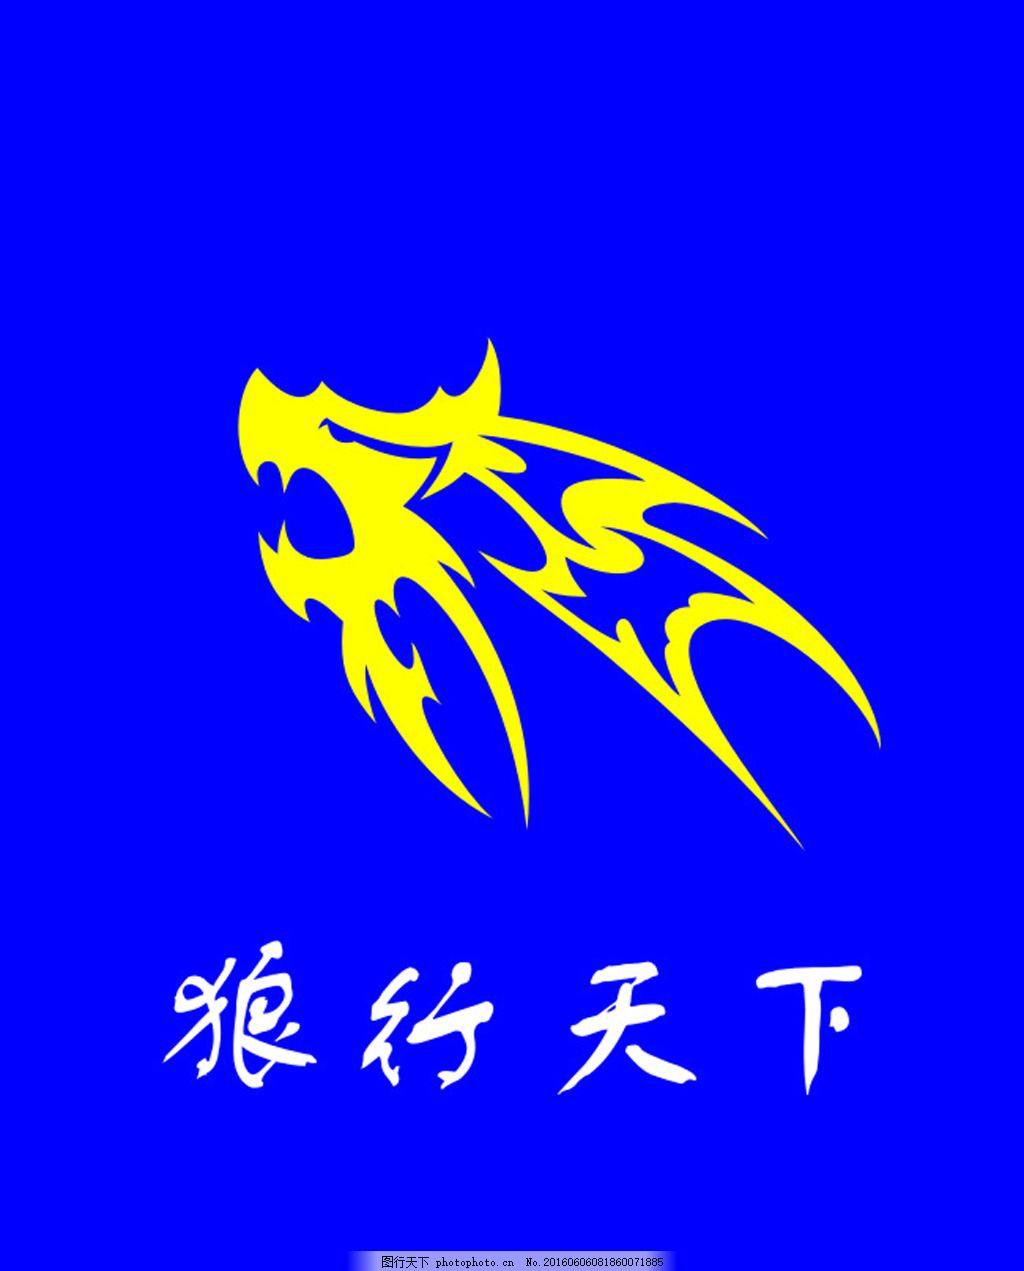 狼图腾 狼矢量图 旗帜 狼头 动物矢量图 凶残动物 纹身 雕刻